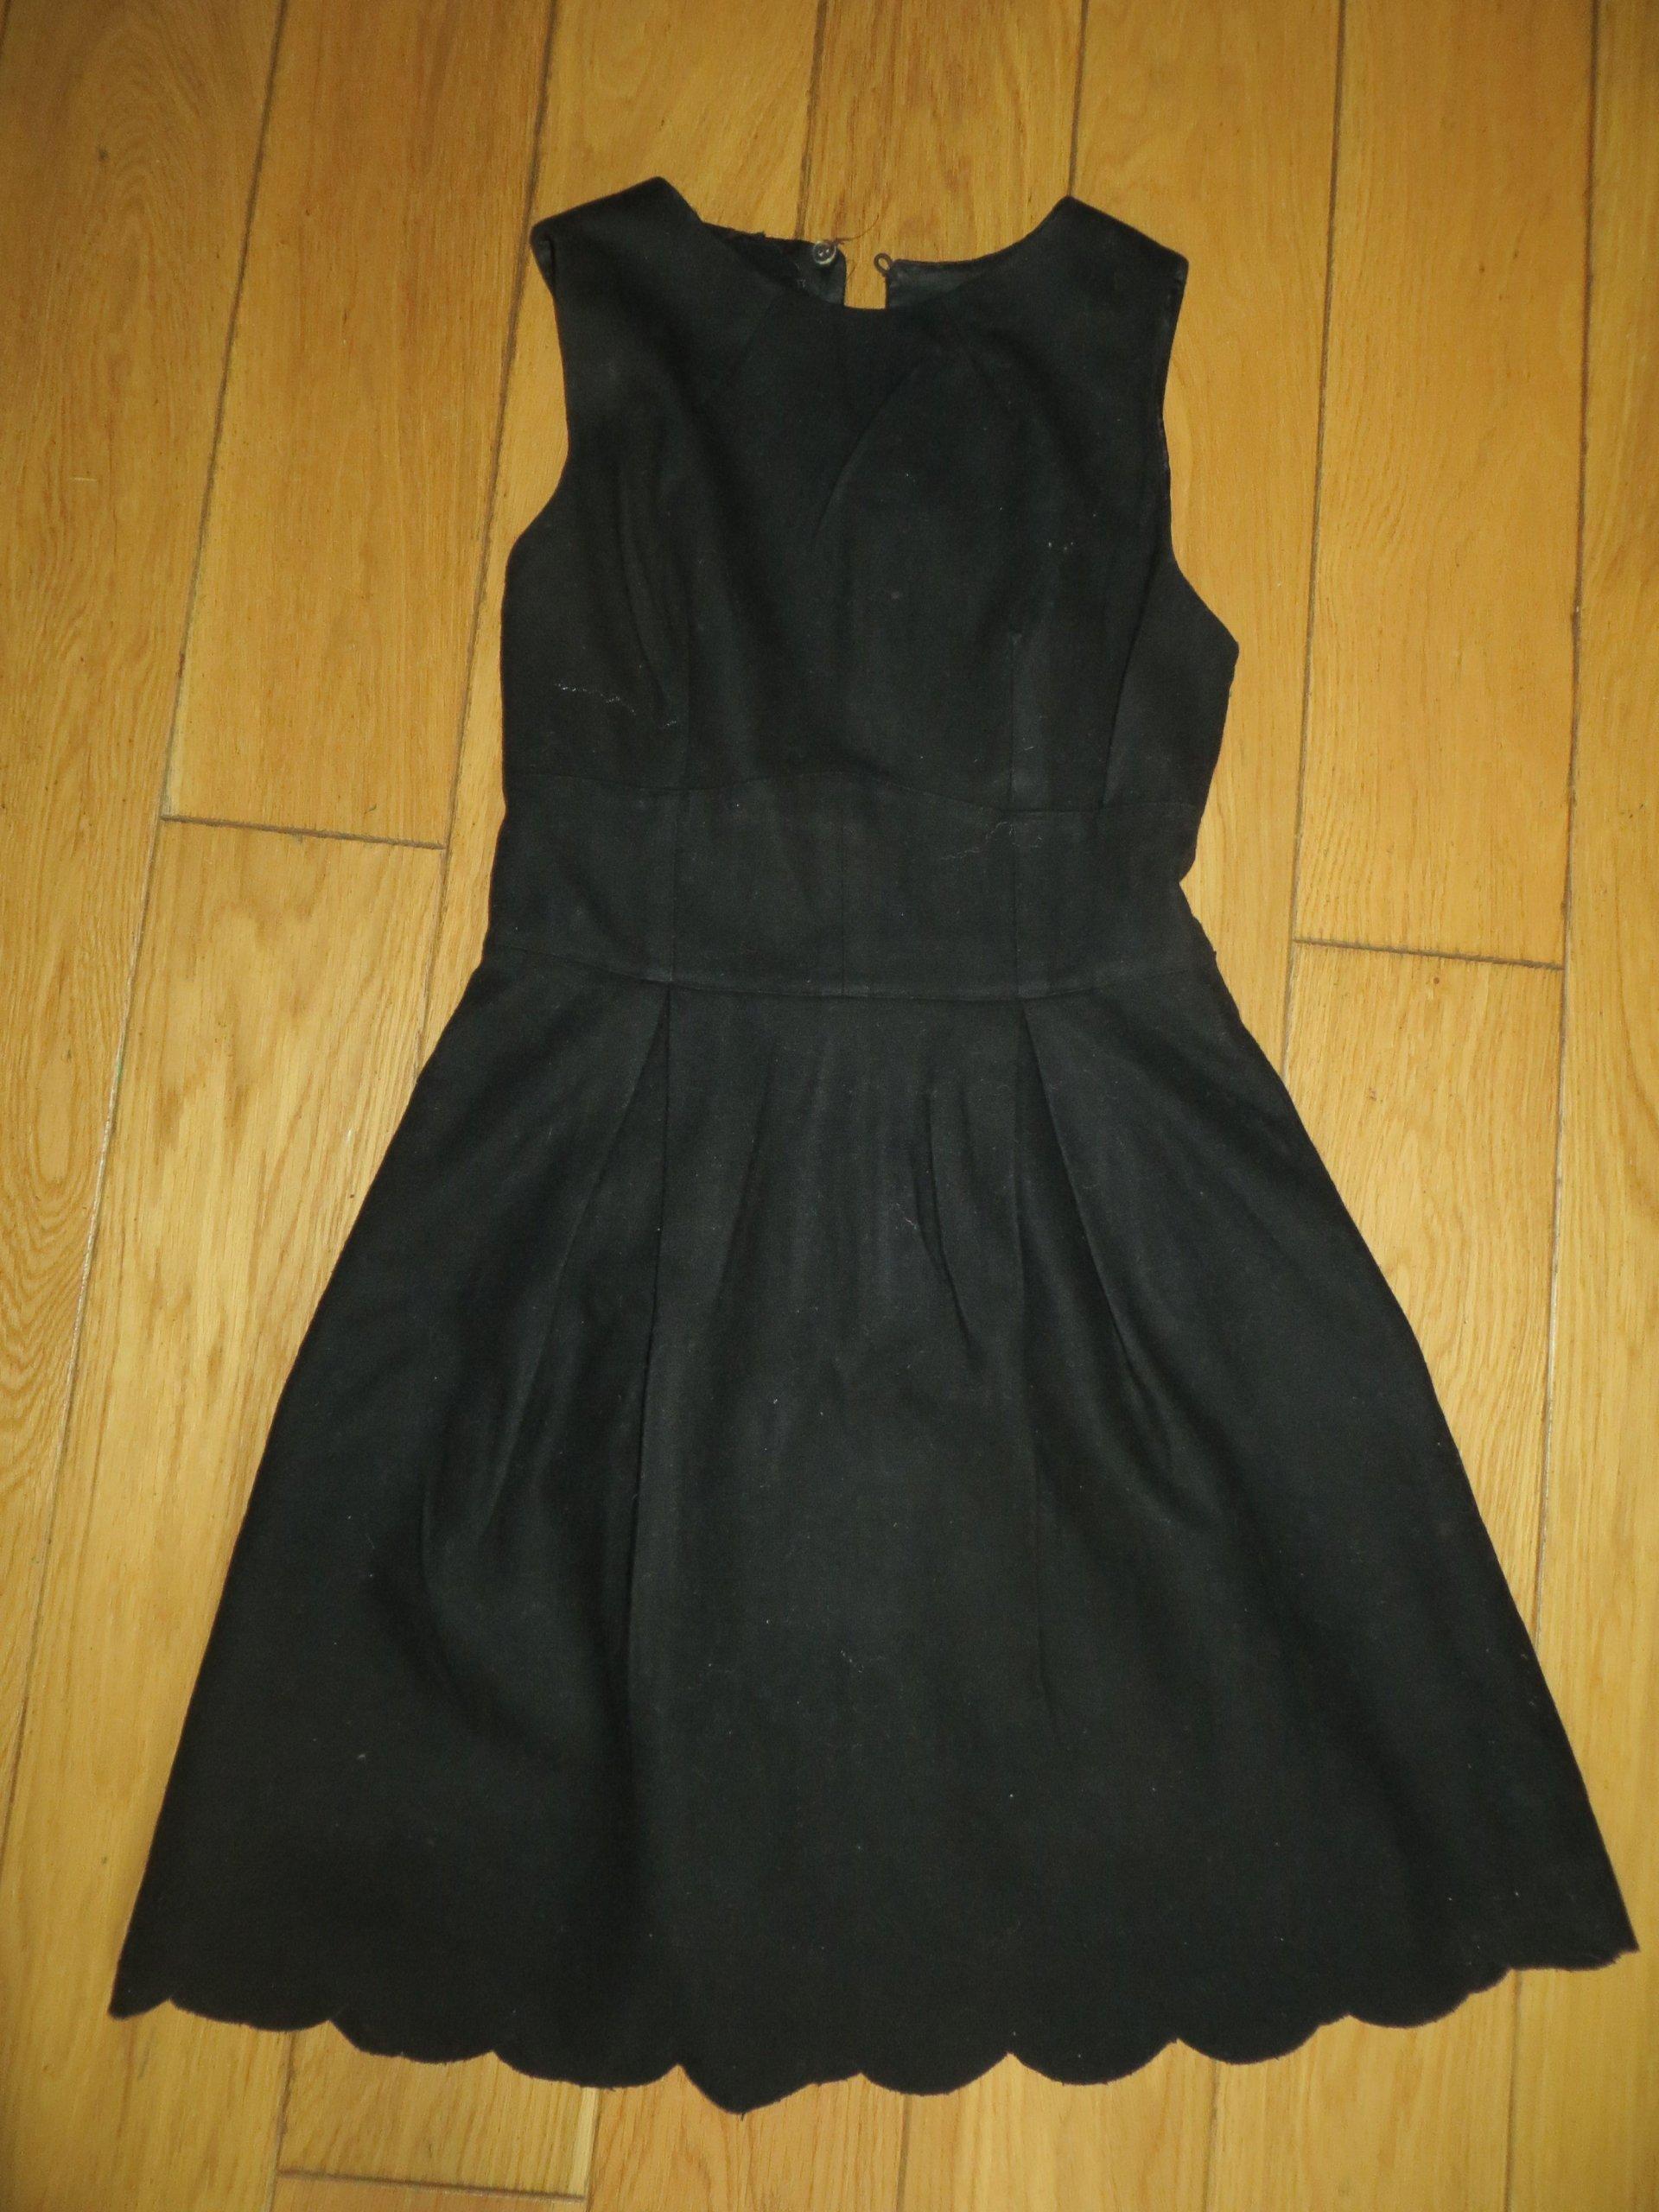 b51e11b70c Sukienka damska OASIS rozmiar 34 - 7344931621 - oficjalne archiwum ...